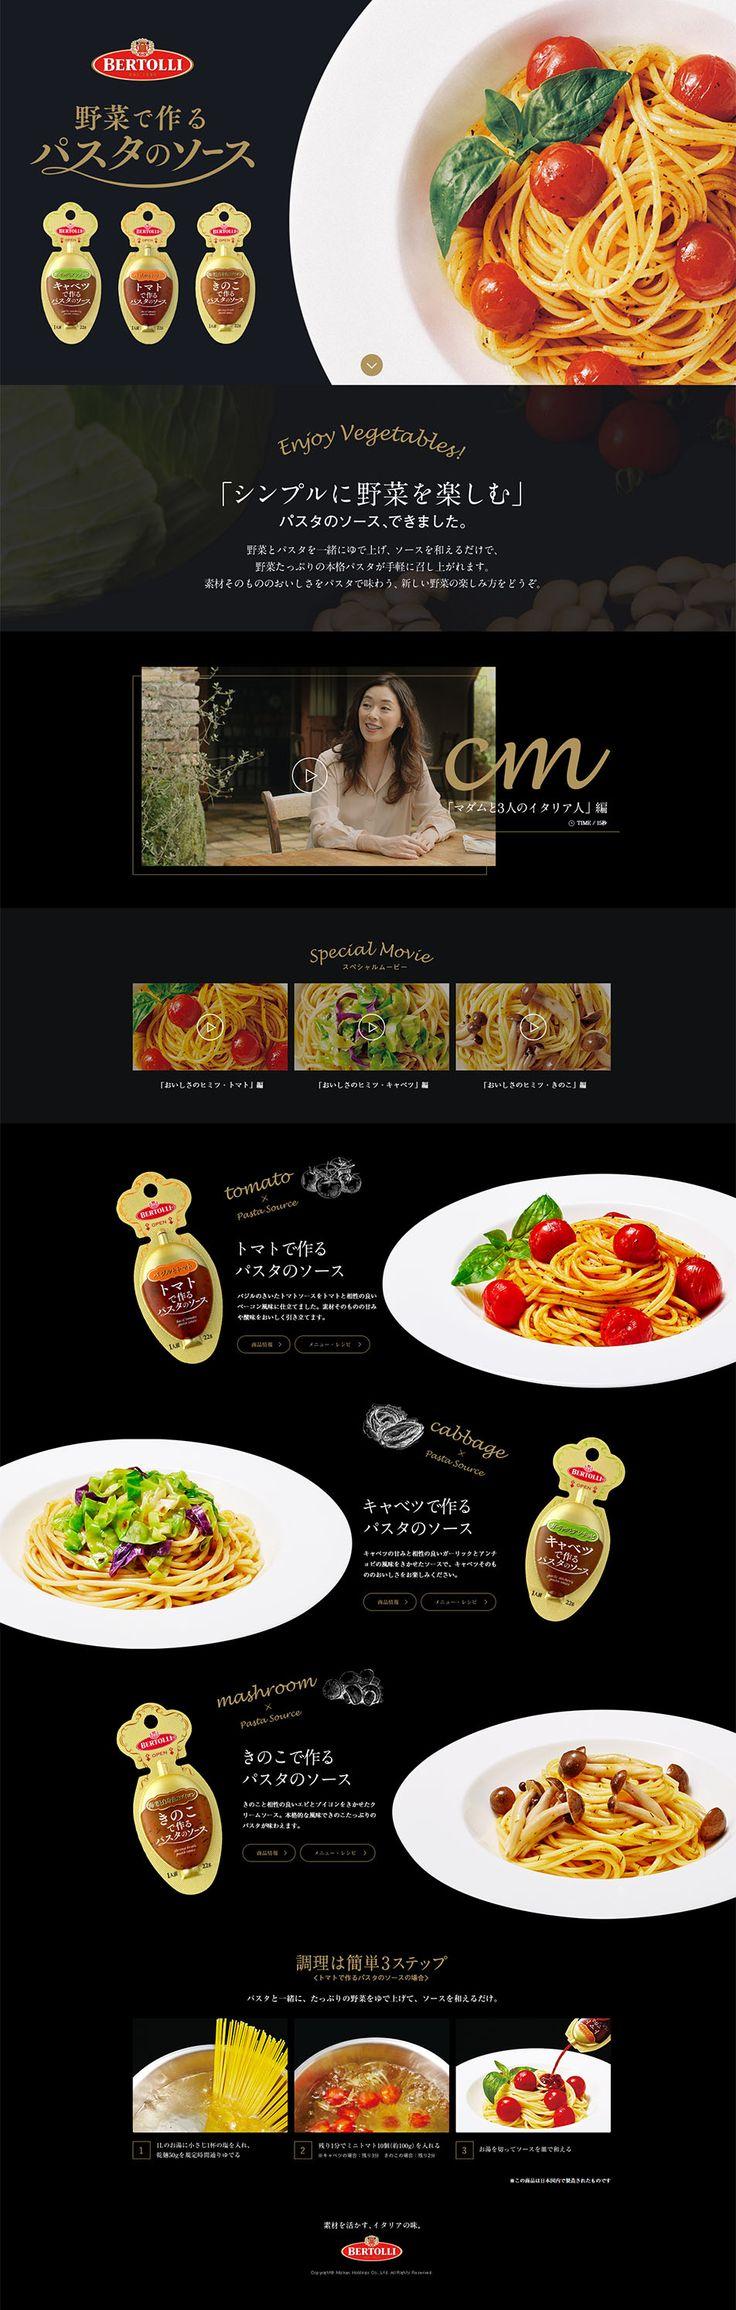 BERTOLLI 野菜で作るパスタのソース【食品関連】のLPデザイン。WEBデザイナーさん必見!ランディングページのデザイン参考に(キレイ系)